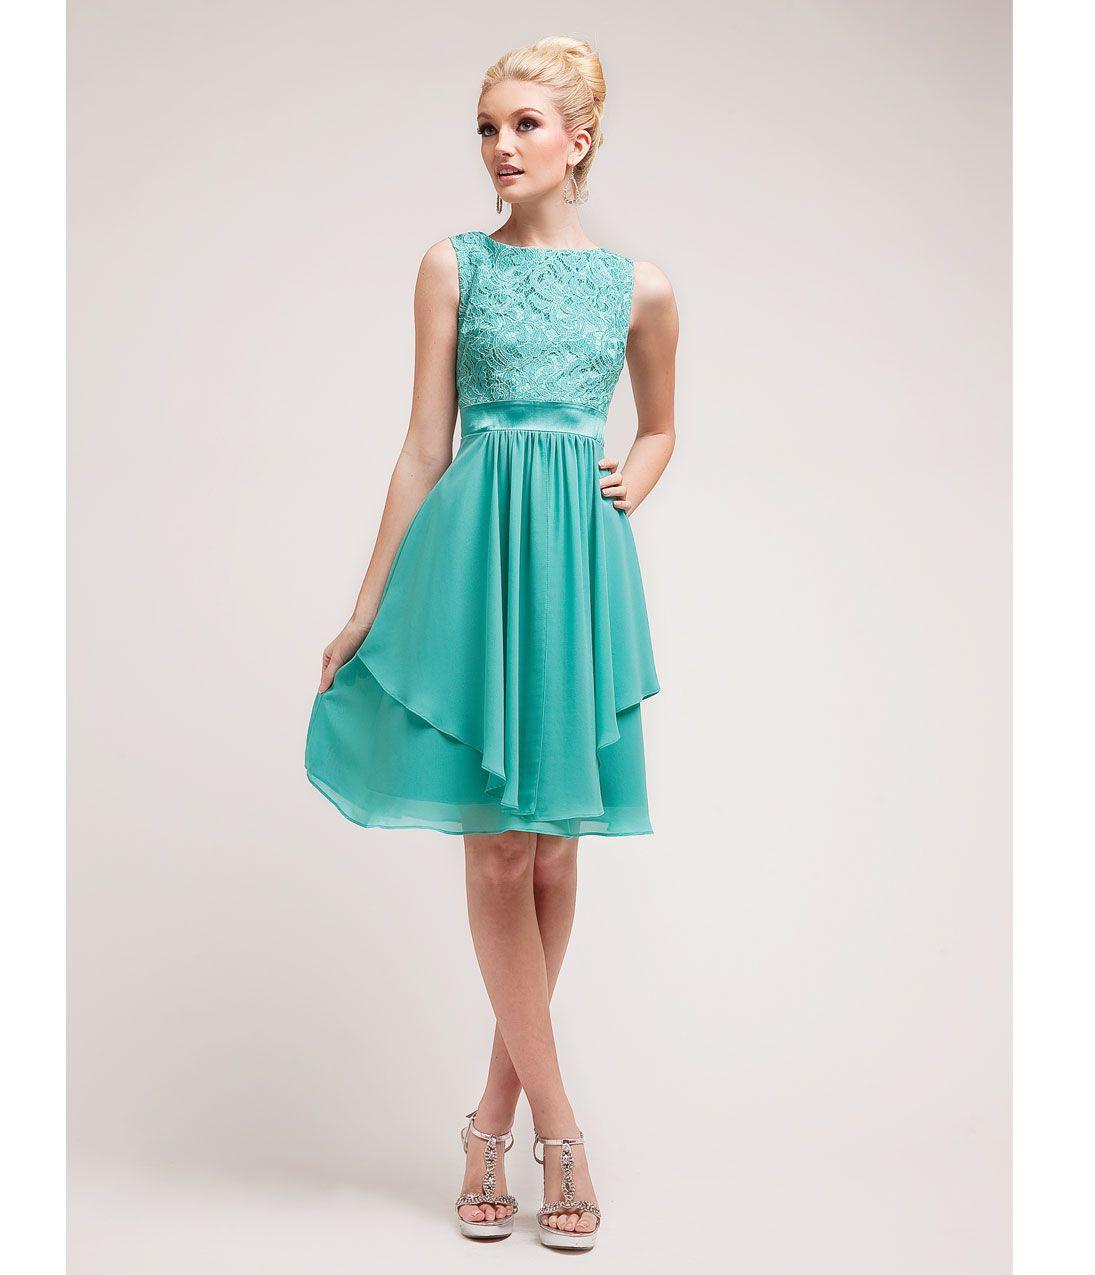 Unique vintage lace chiffon chiffon dress and vintage prom